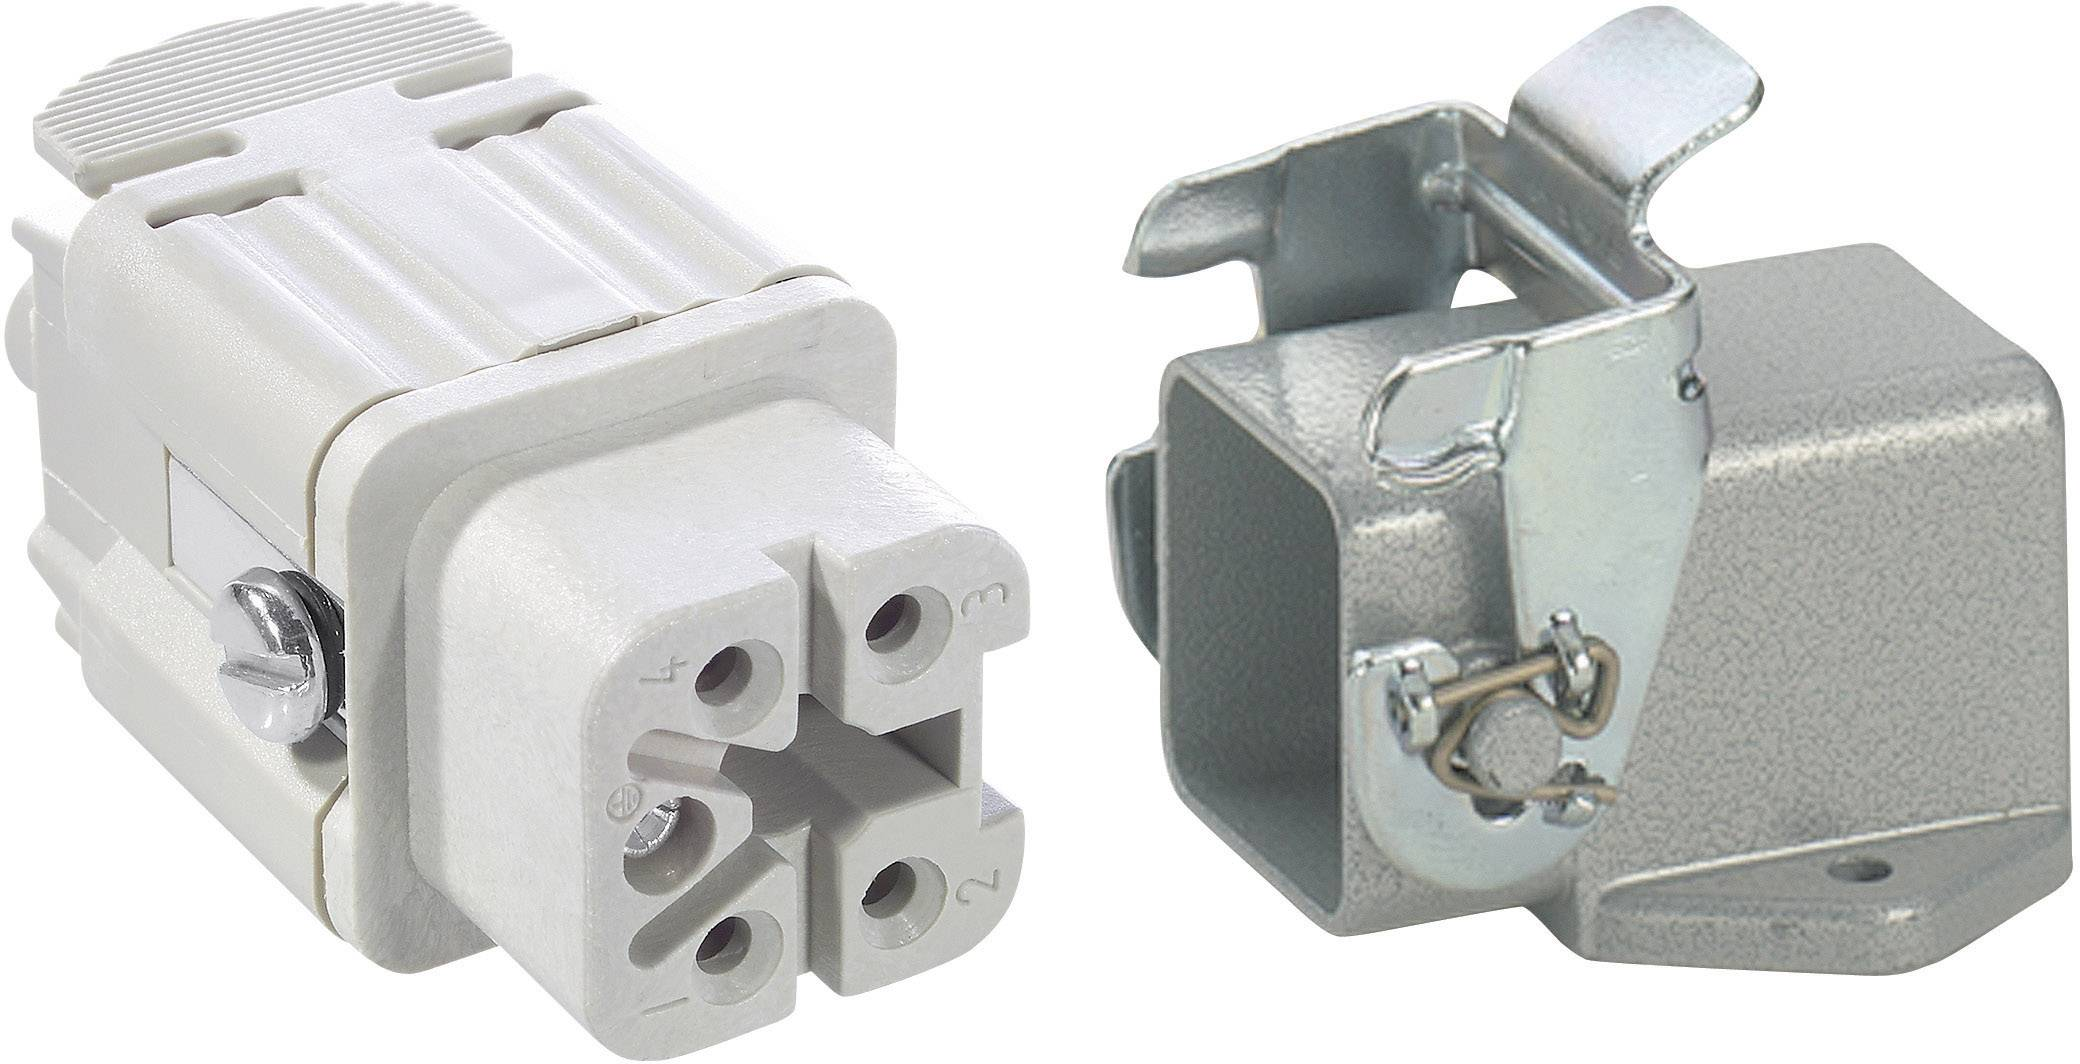 Sada konektorů EPIC®KIT H-A 4 75009620 LAPP 4 + PE šroubovací 1 sada